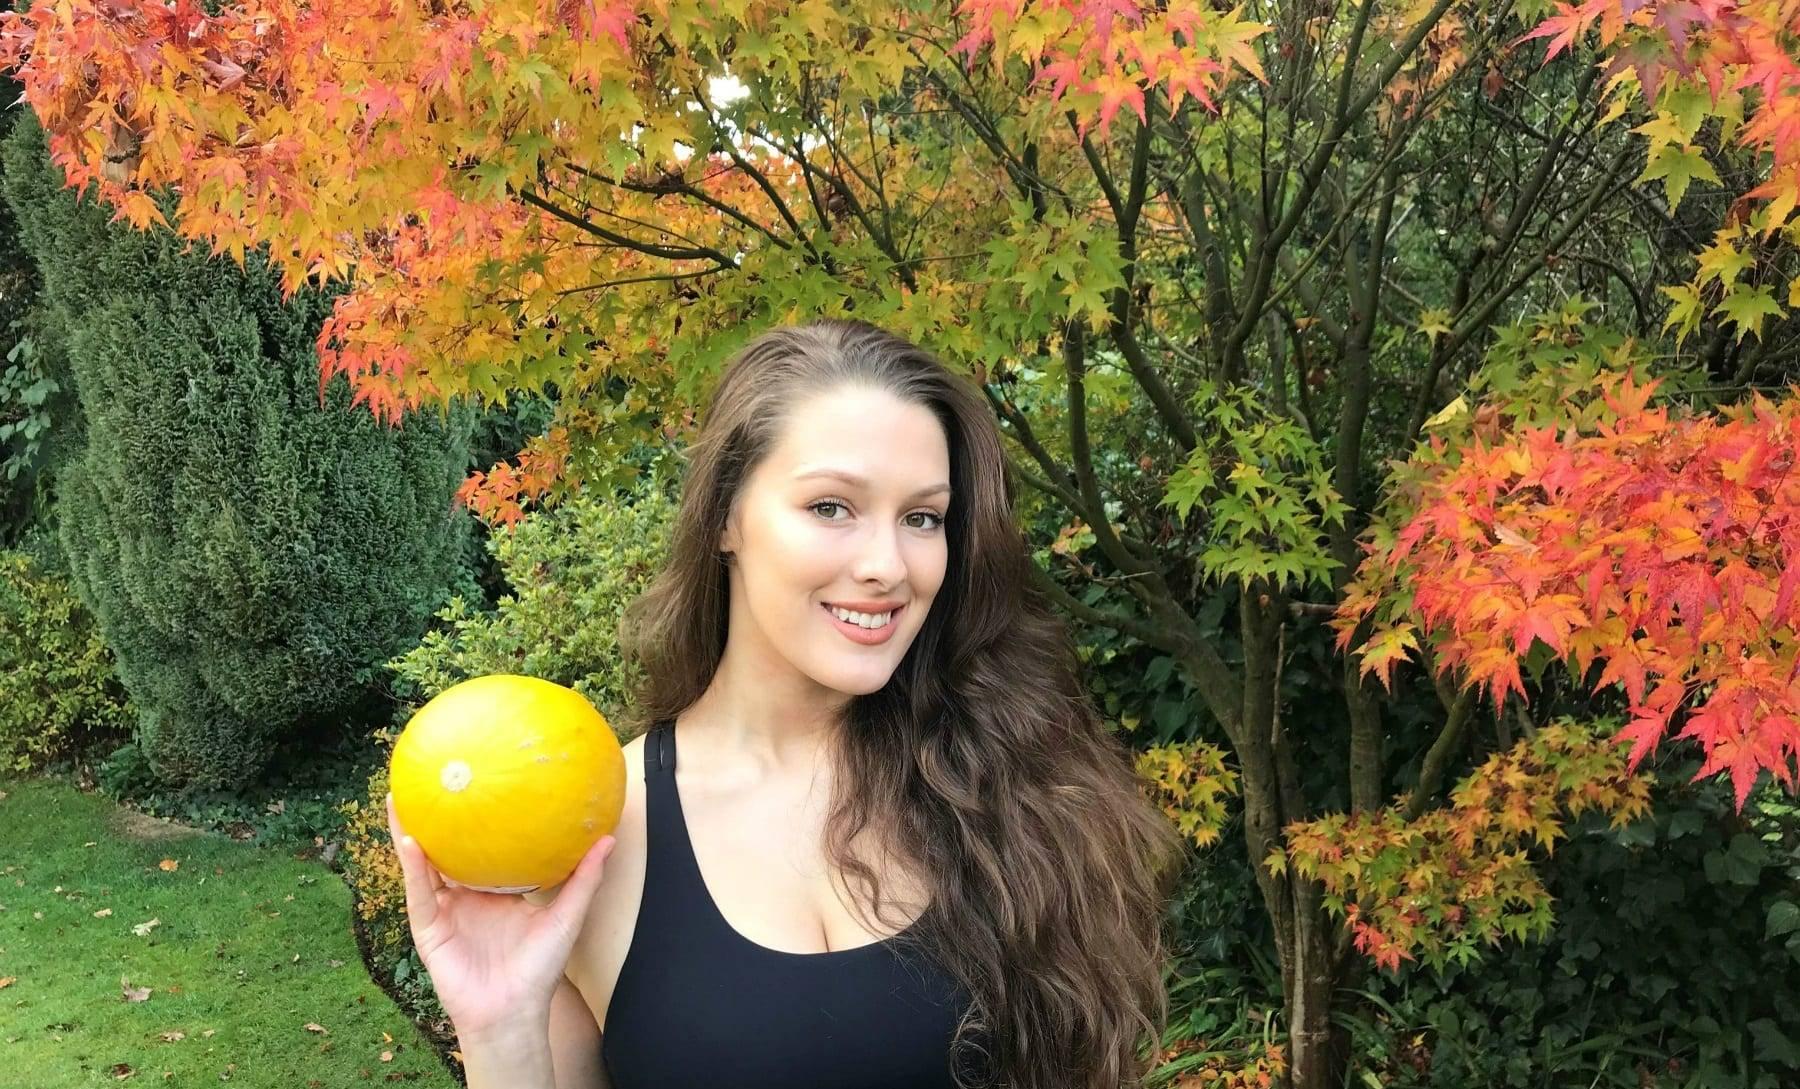 Emily Muir hat sich für eine Woche vegan ernährt | Finde heraus, wie es ihr ergangen ist!